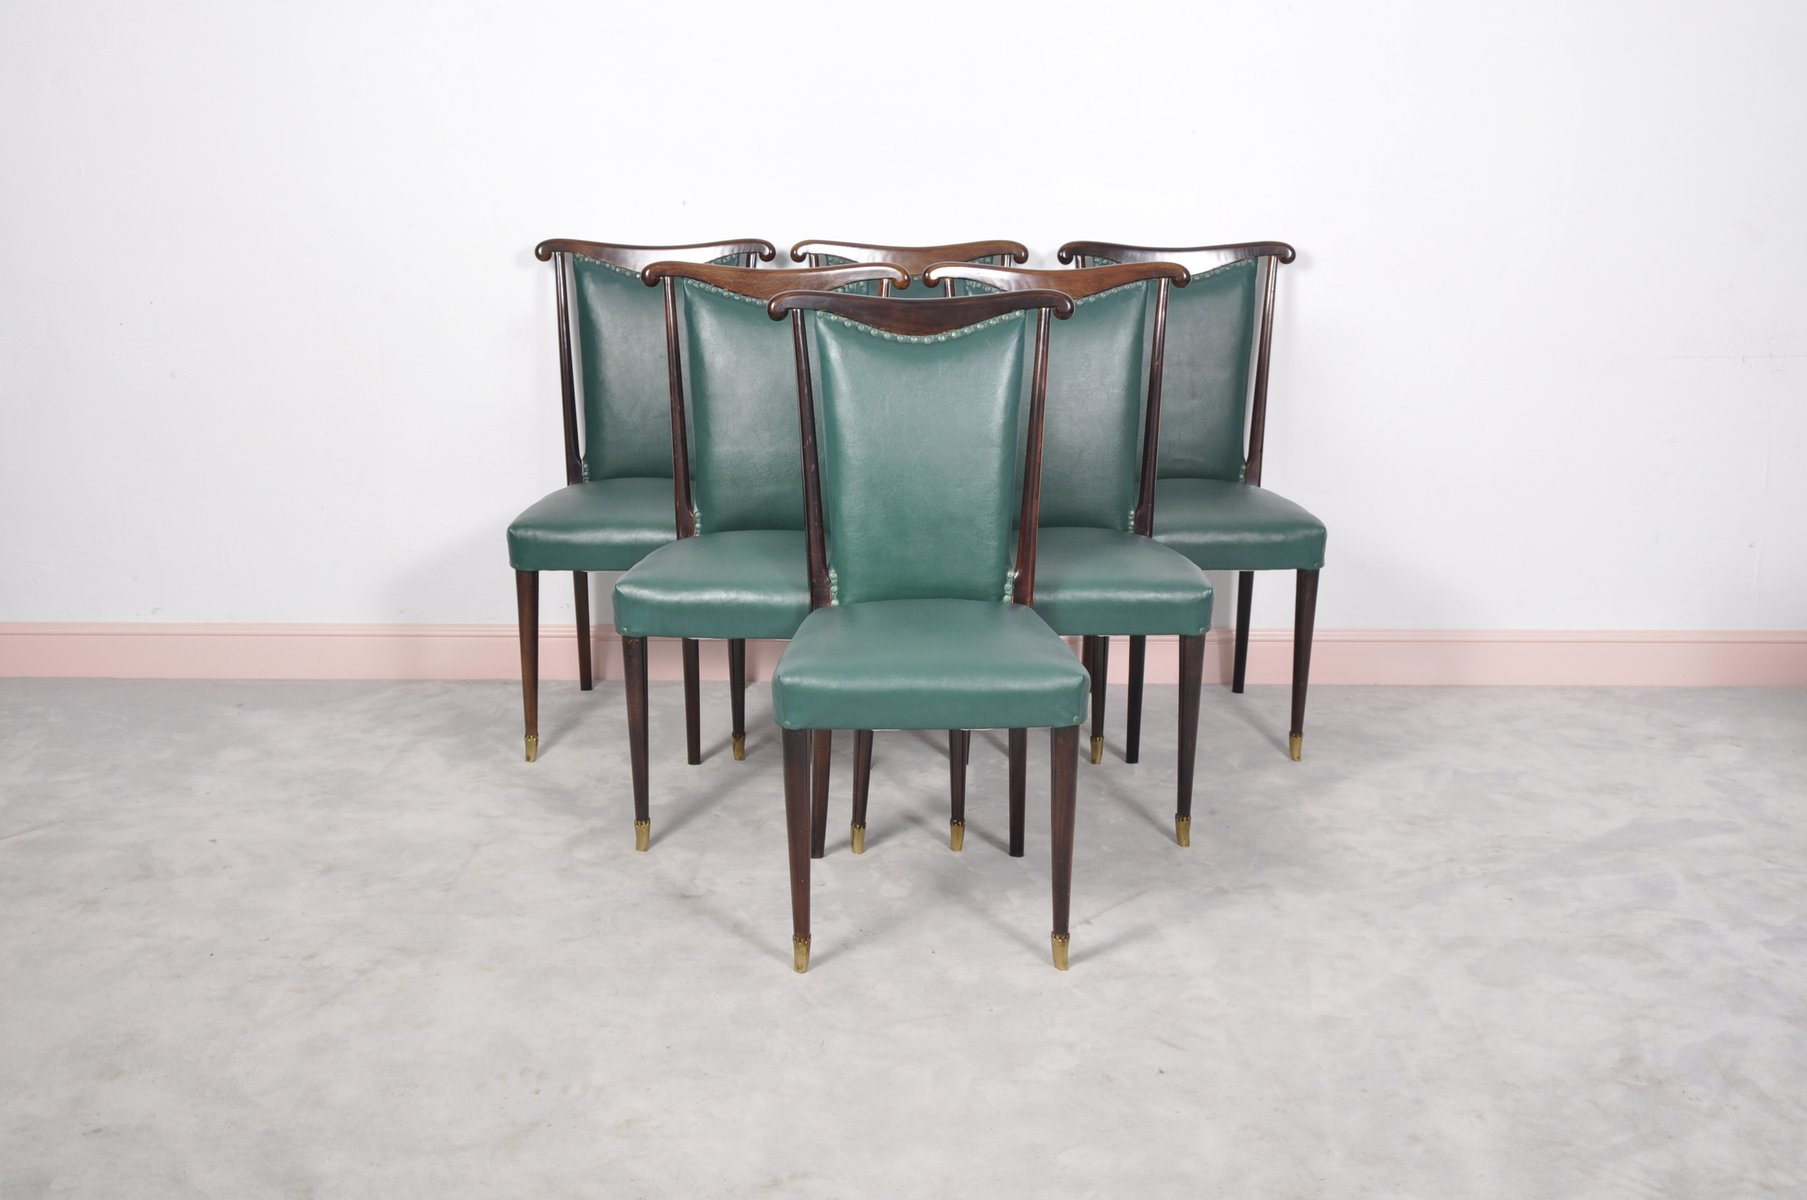 Sedie da pranzo in pelle verde di paolo buffa italia set for Sedie in pelle